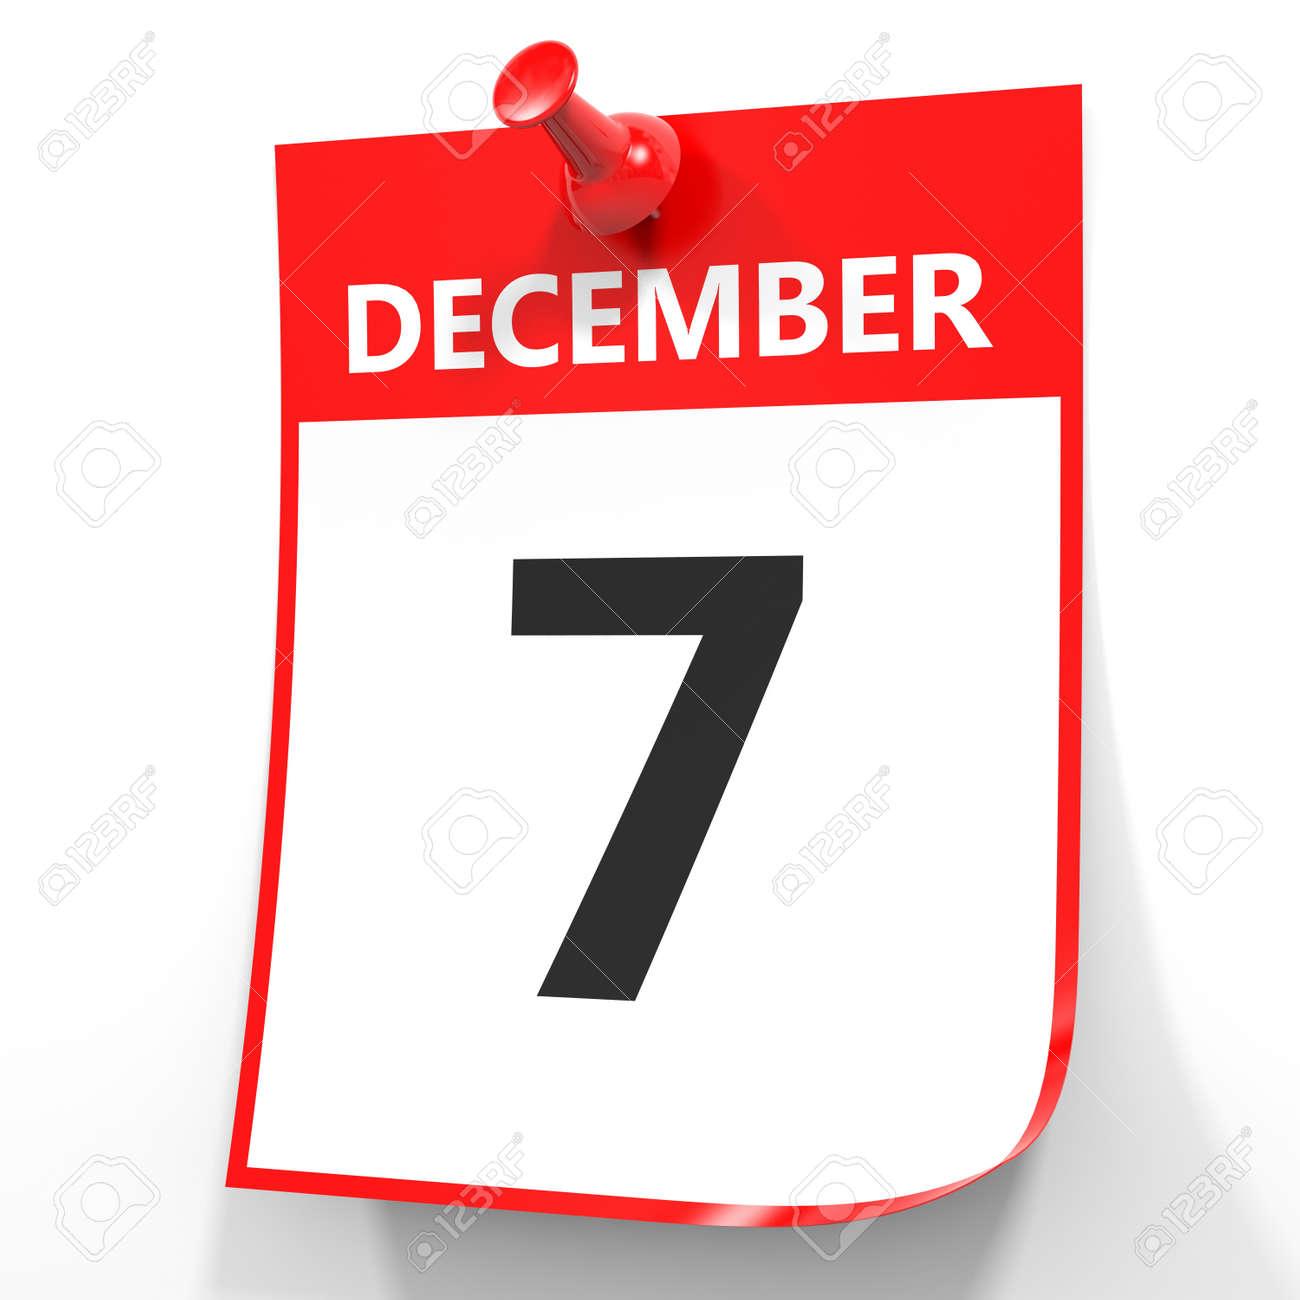 7 De Diciembre De Calendario En El Fondo Blanco. Ilustración 3D. Fotos,  Retratos, Imágenes Y Fotografía De Archivo Libres De Derecho. Image  63816638.